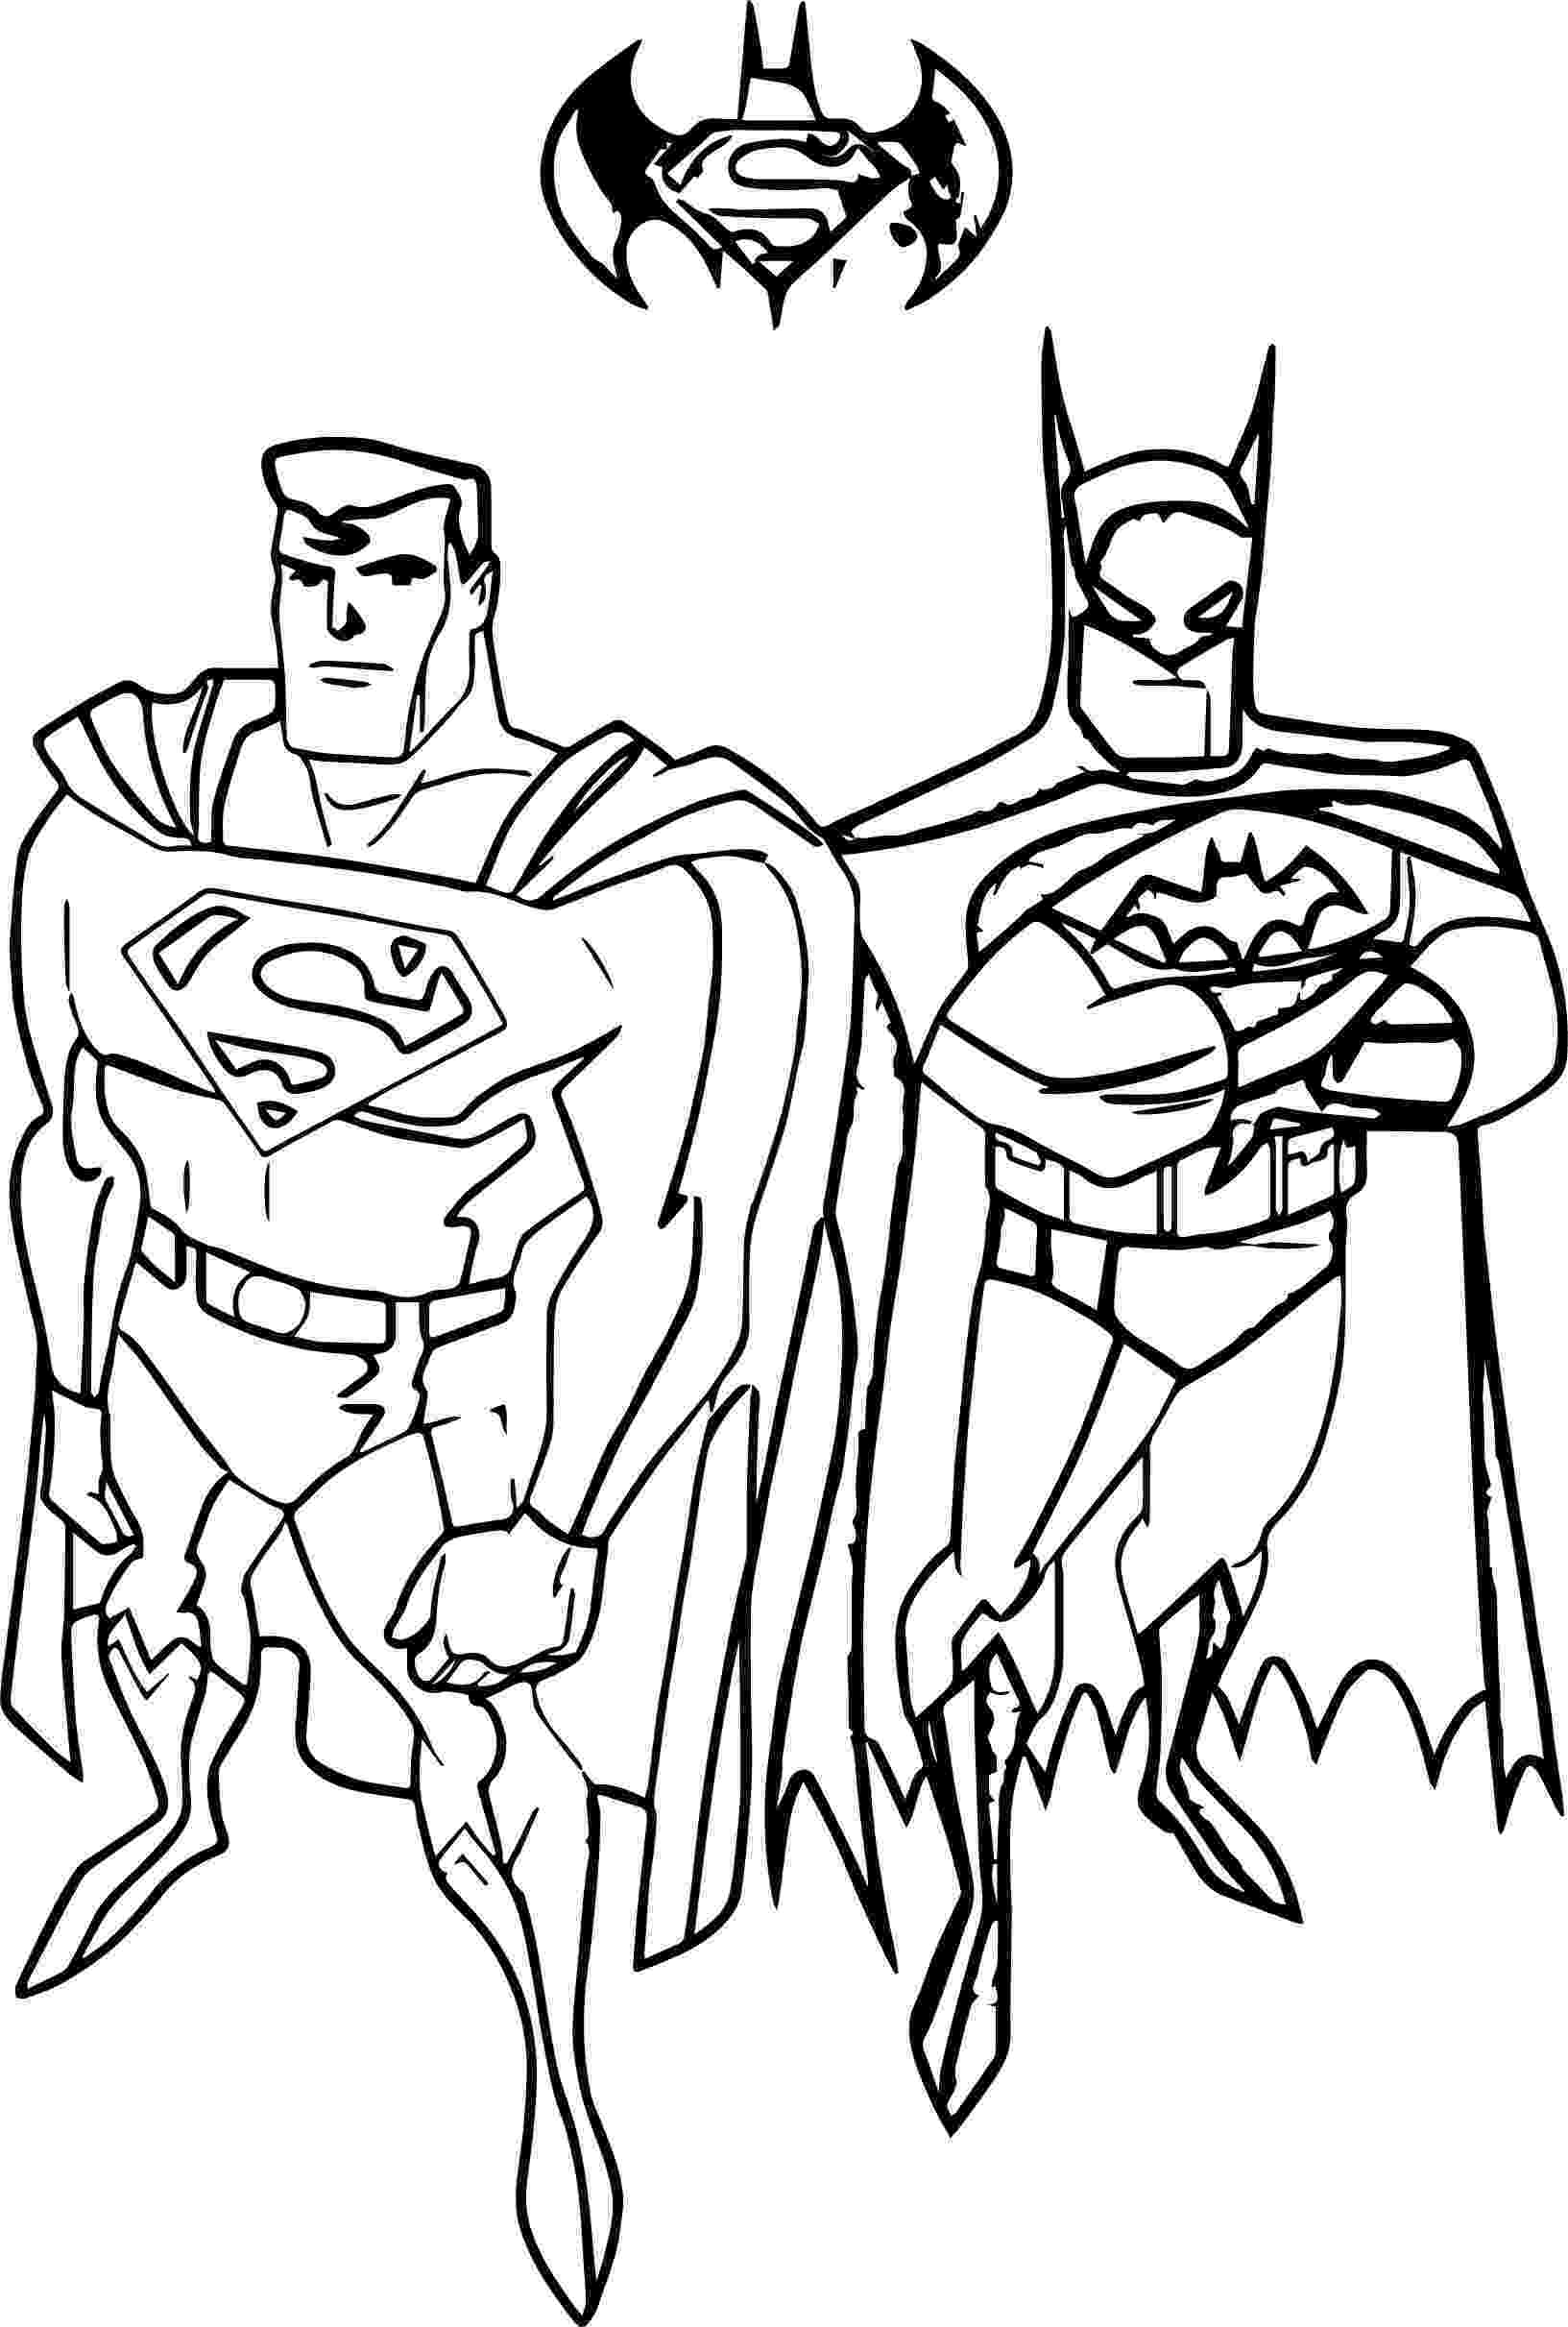 batman color page batman coloring pages kidsuki page batman color